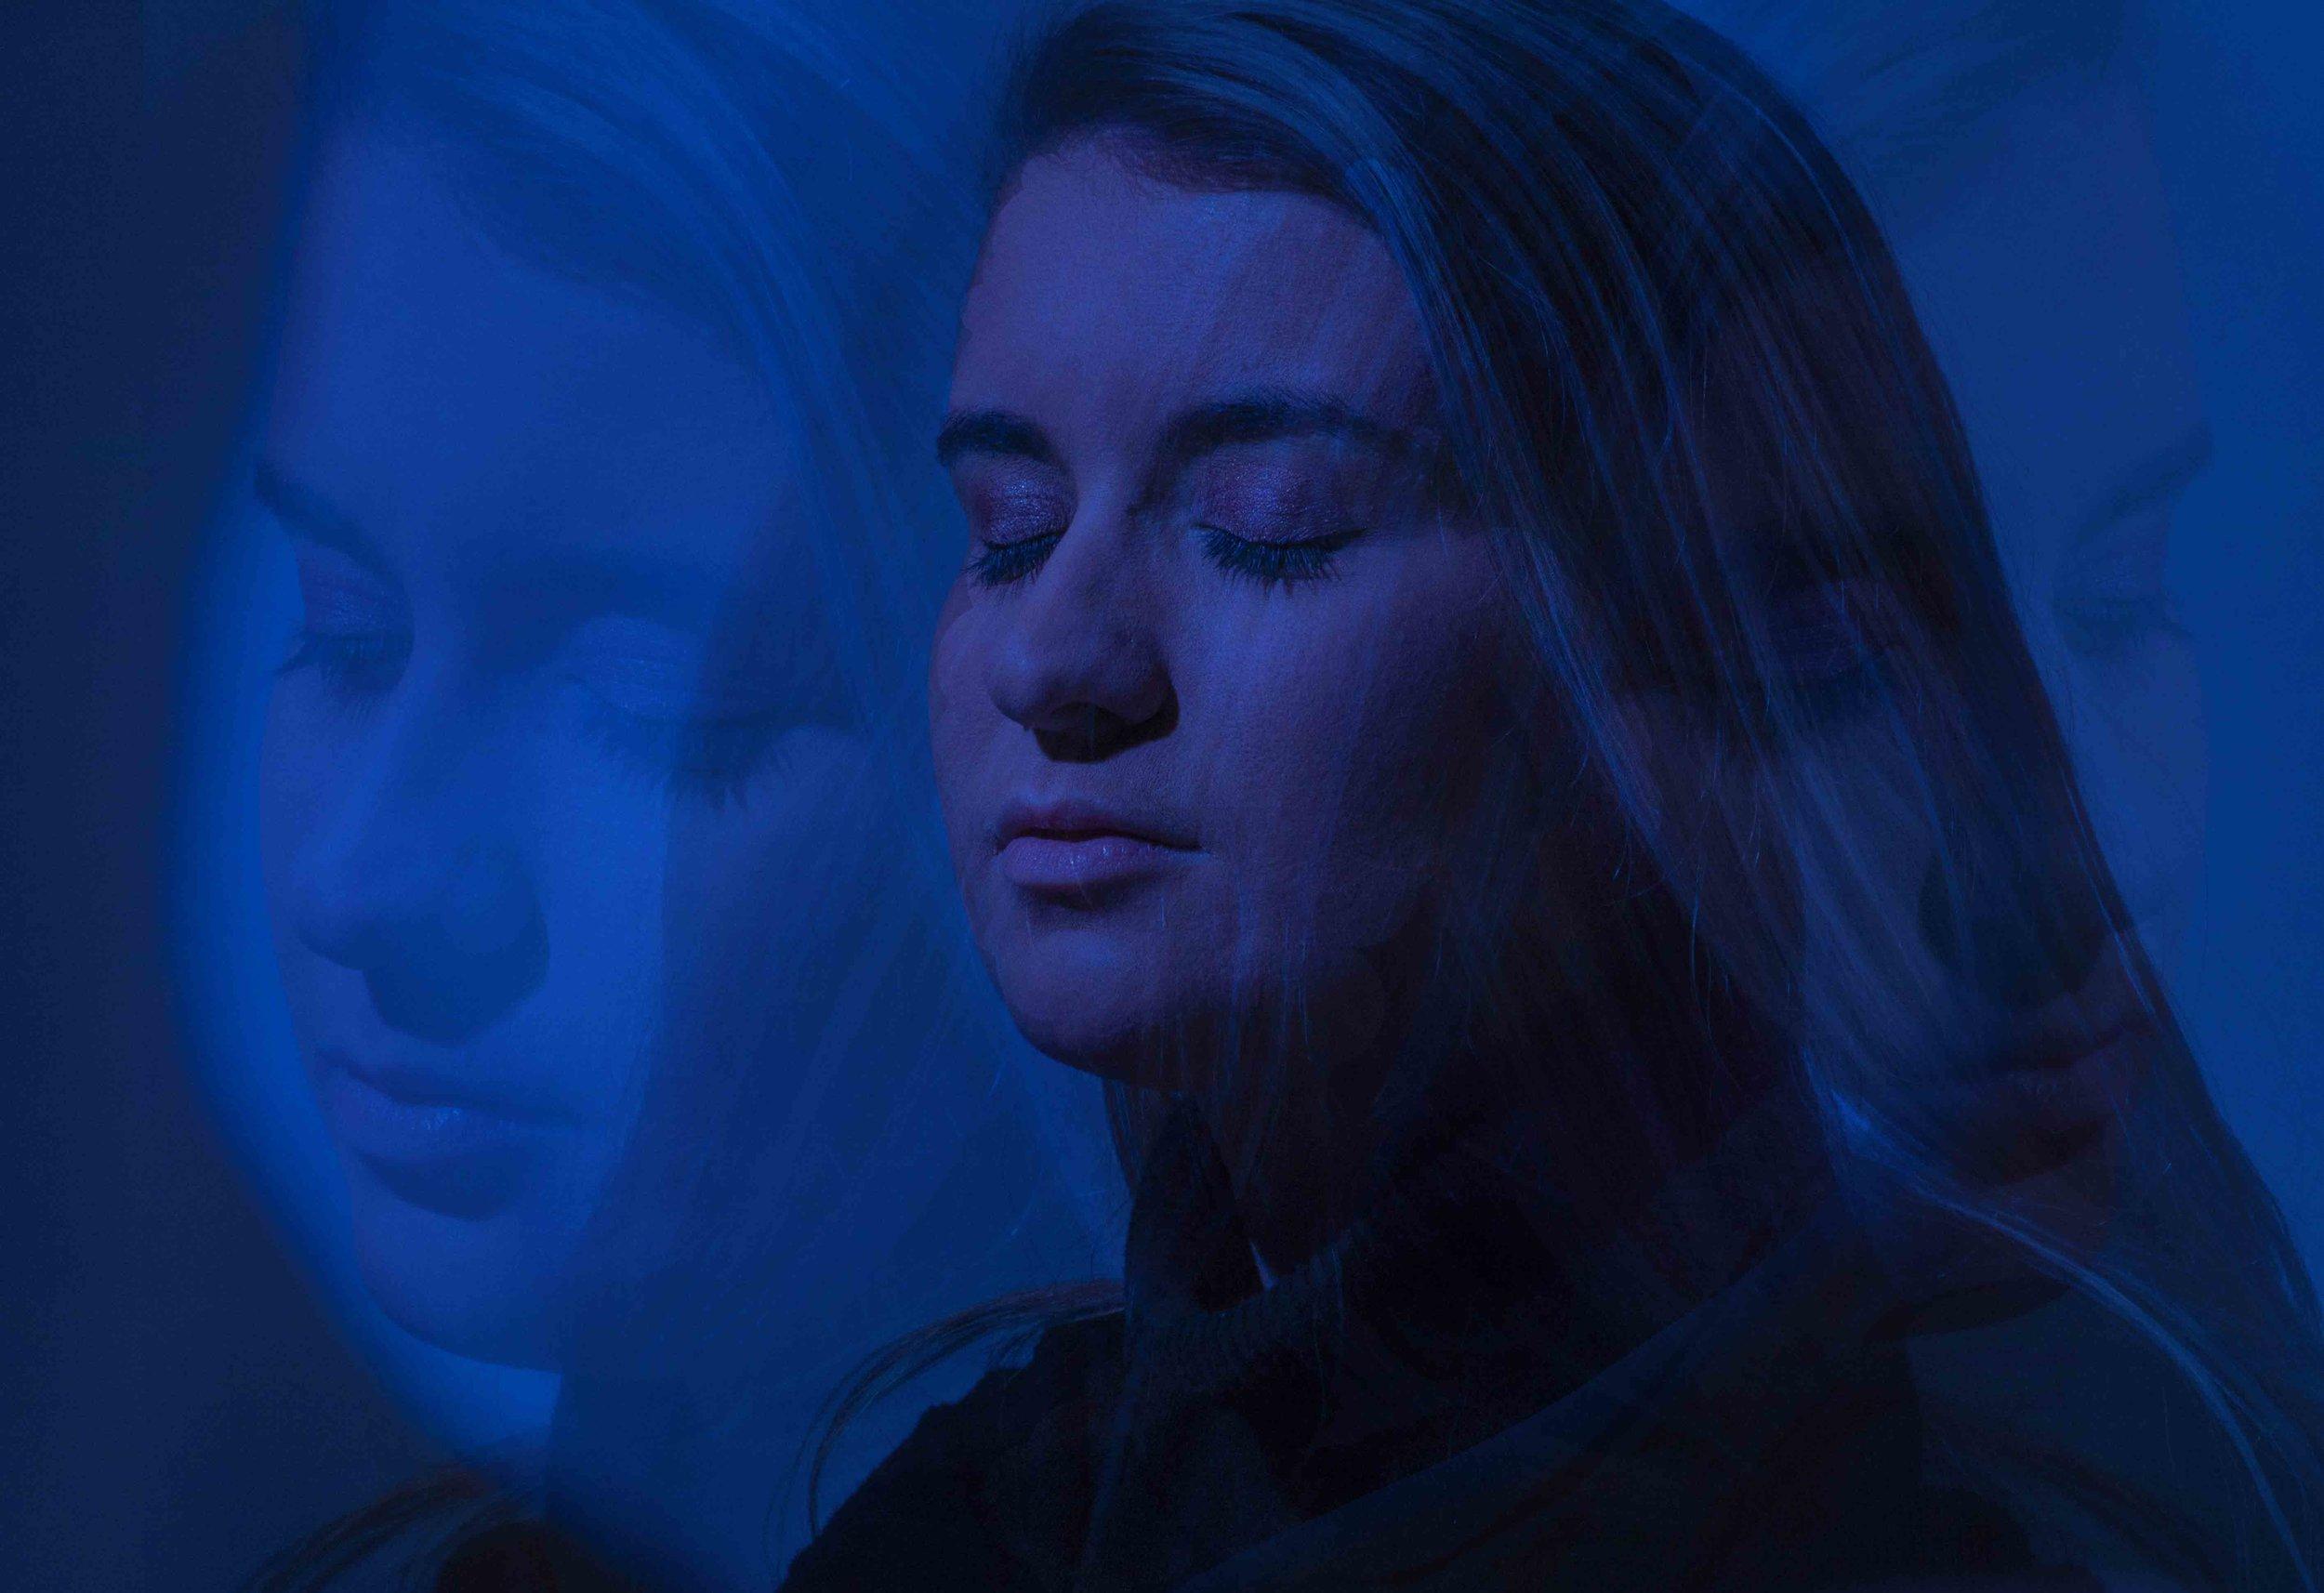 Emily Jane - Photo by Tiffany Kuiper